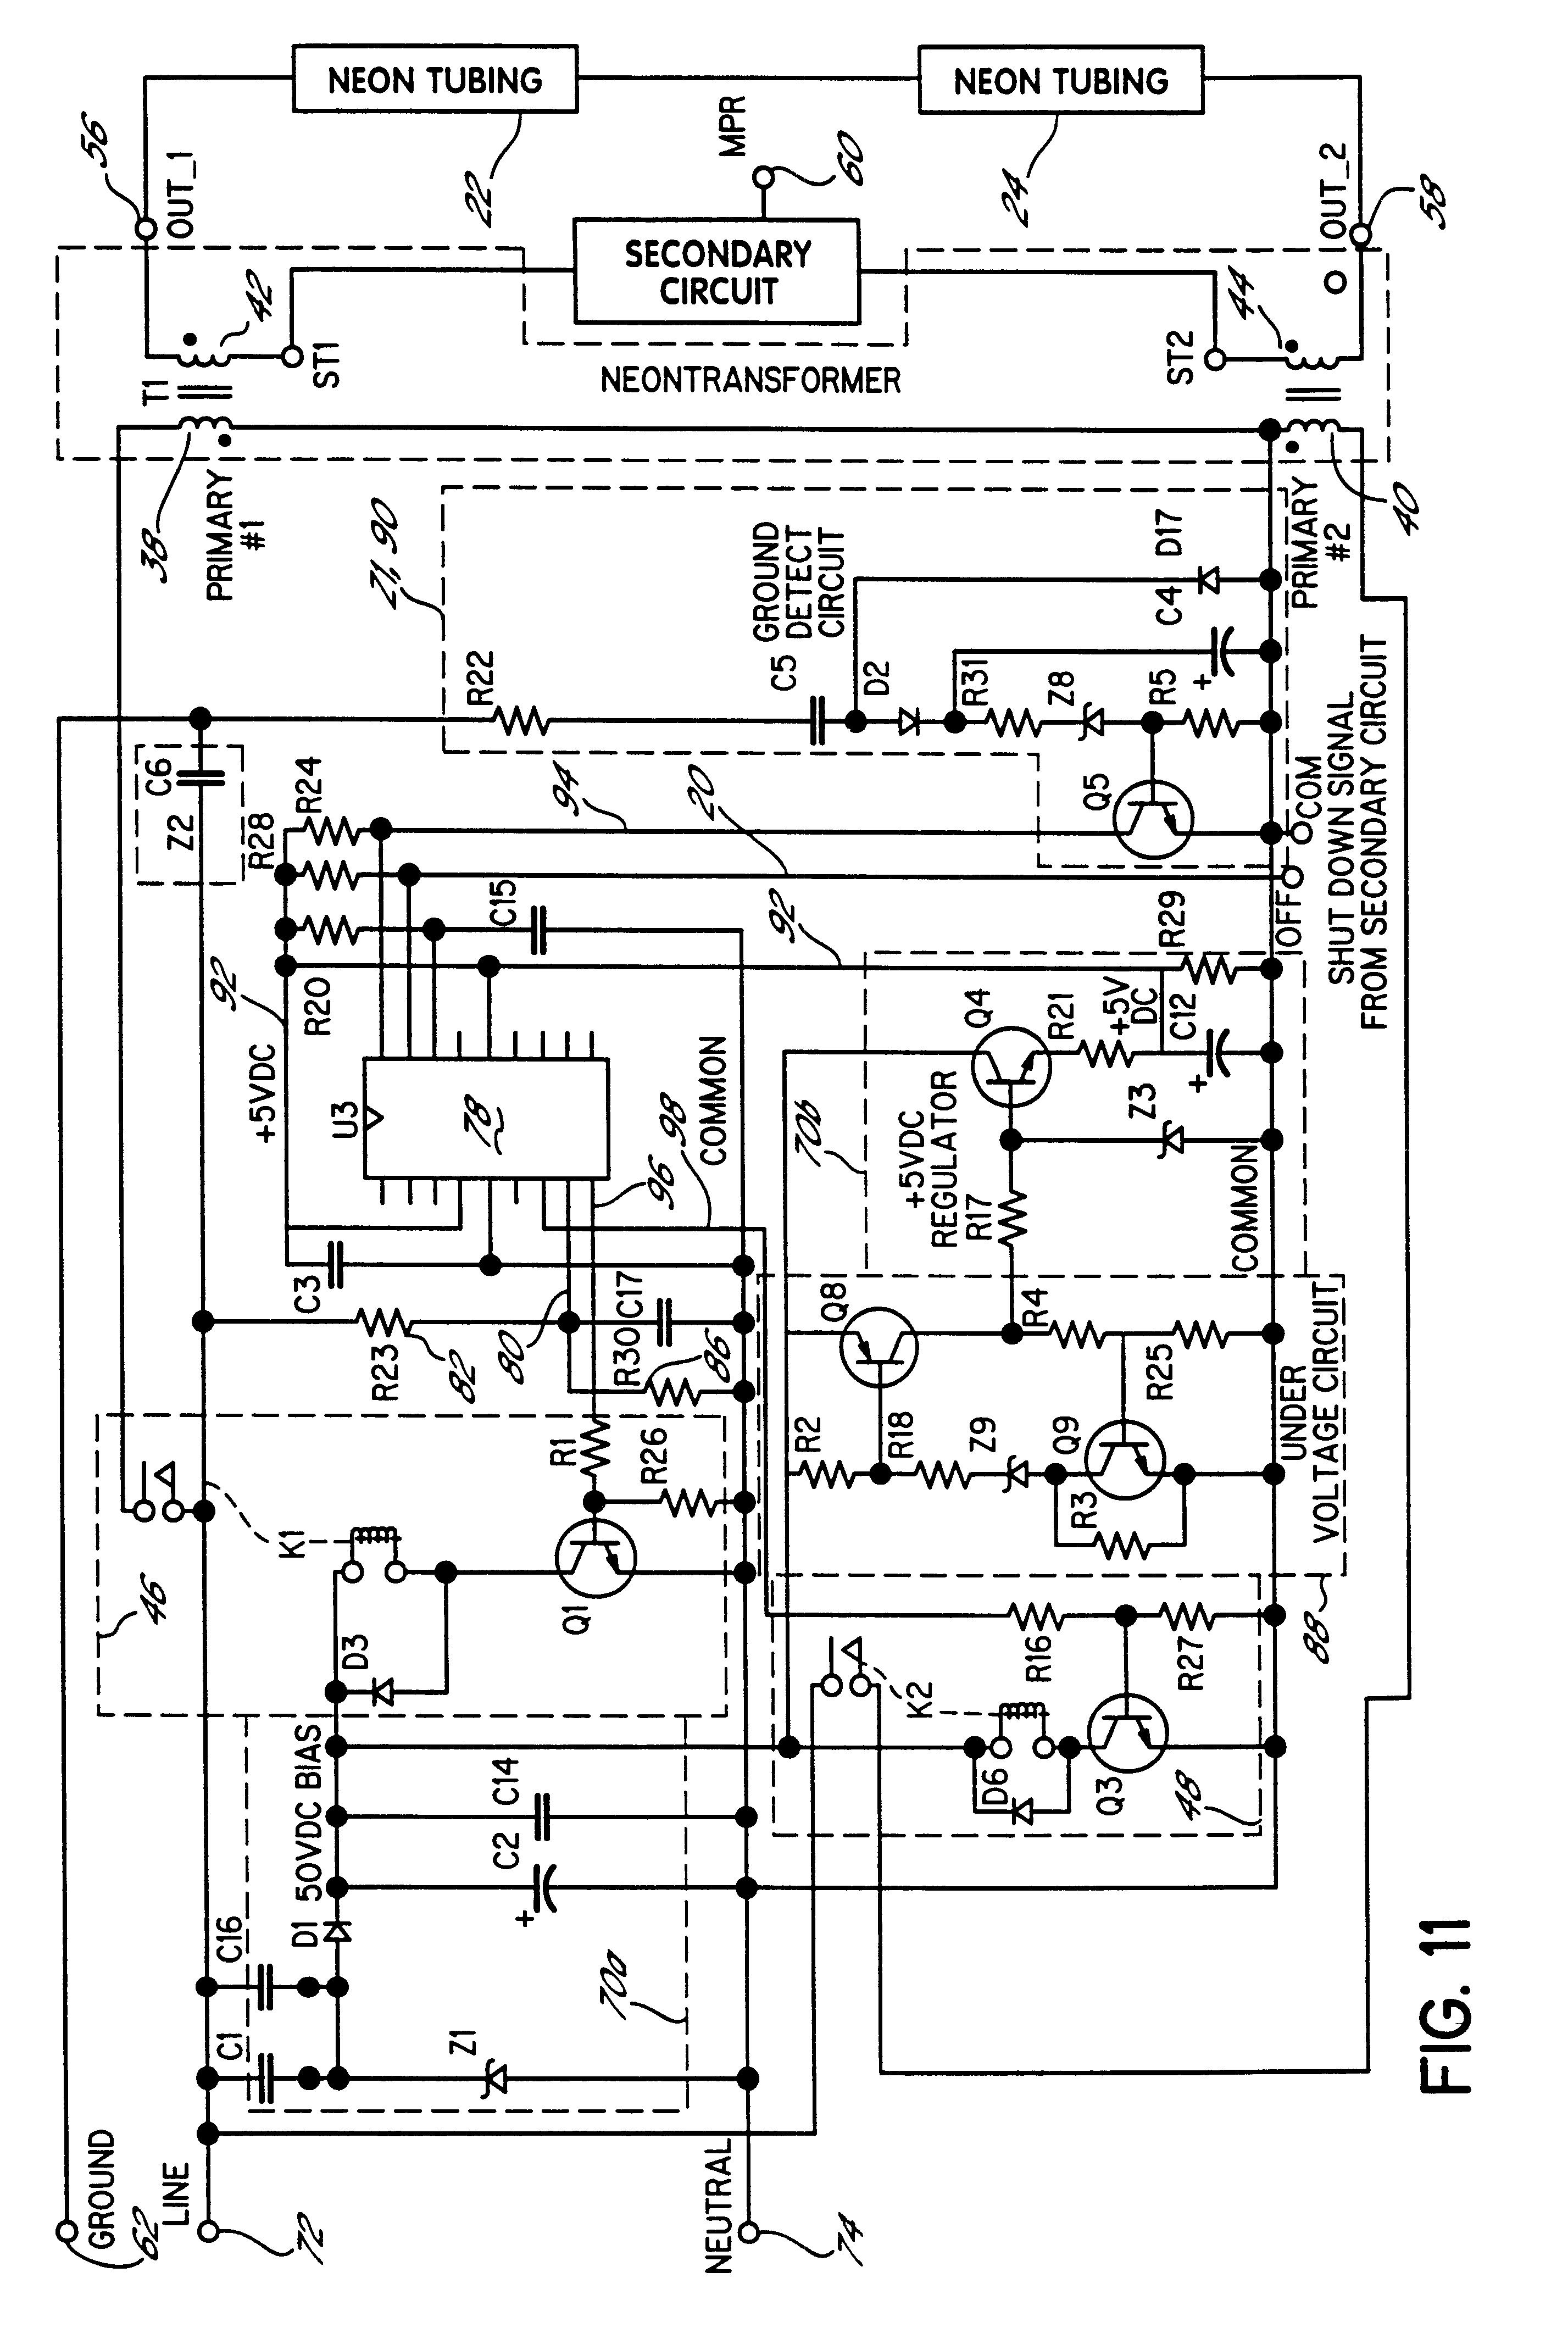 L120 John Deere Wiring Diagram